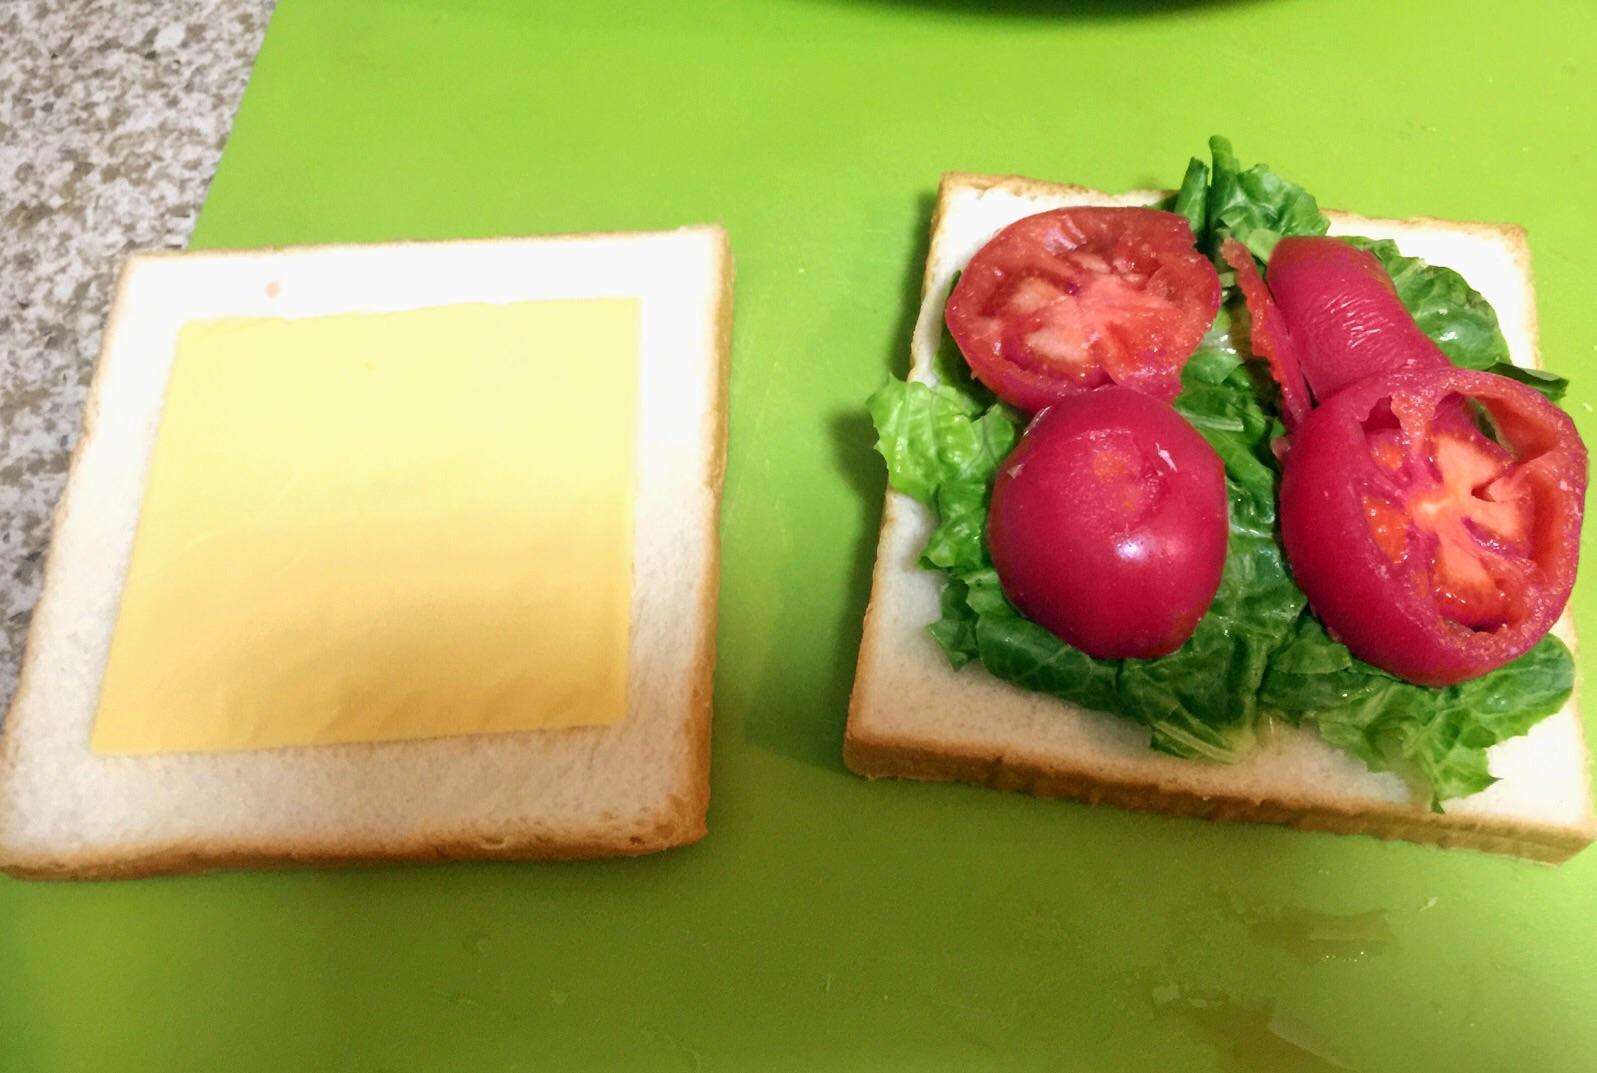 芝士鸡蛋三明治的做法图解1